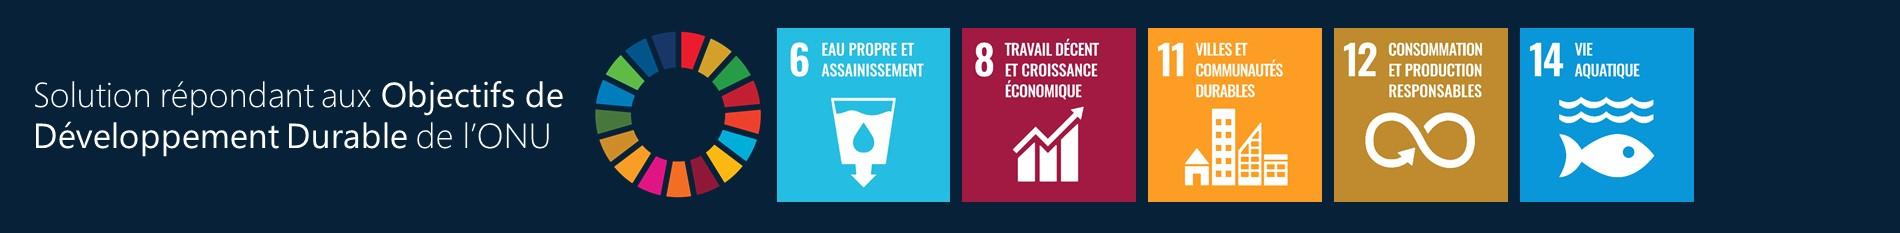 Objectifs Developpement Durable ONU Economie Circulaire